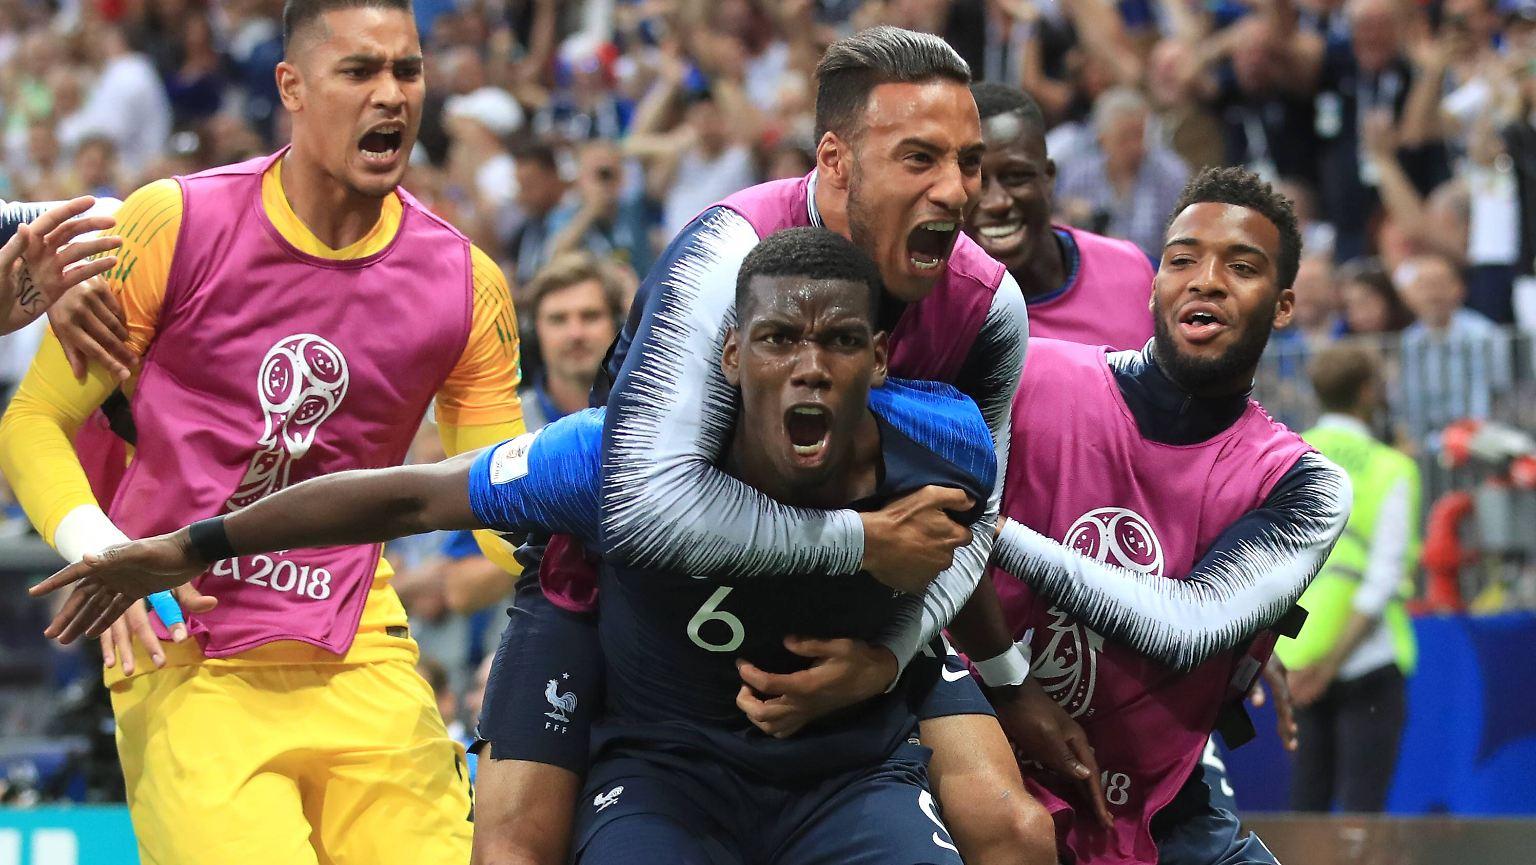 Torflut Im Wm Finale Frankreich Ist Fussball Weltmeister